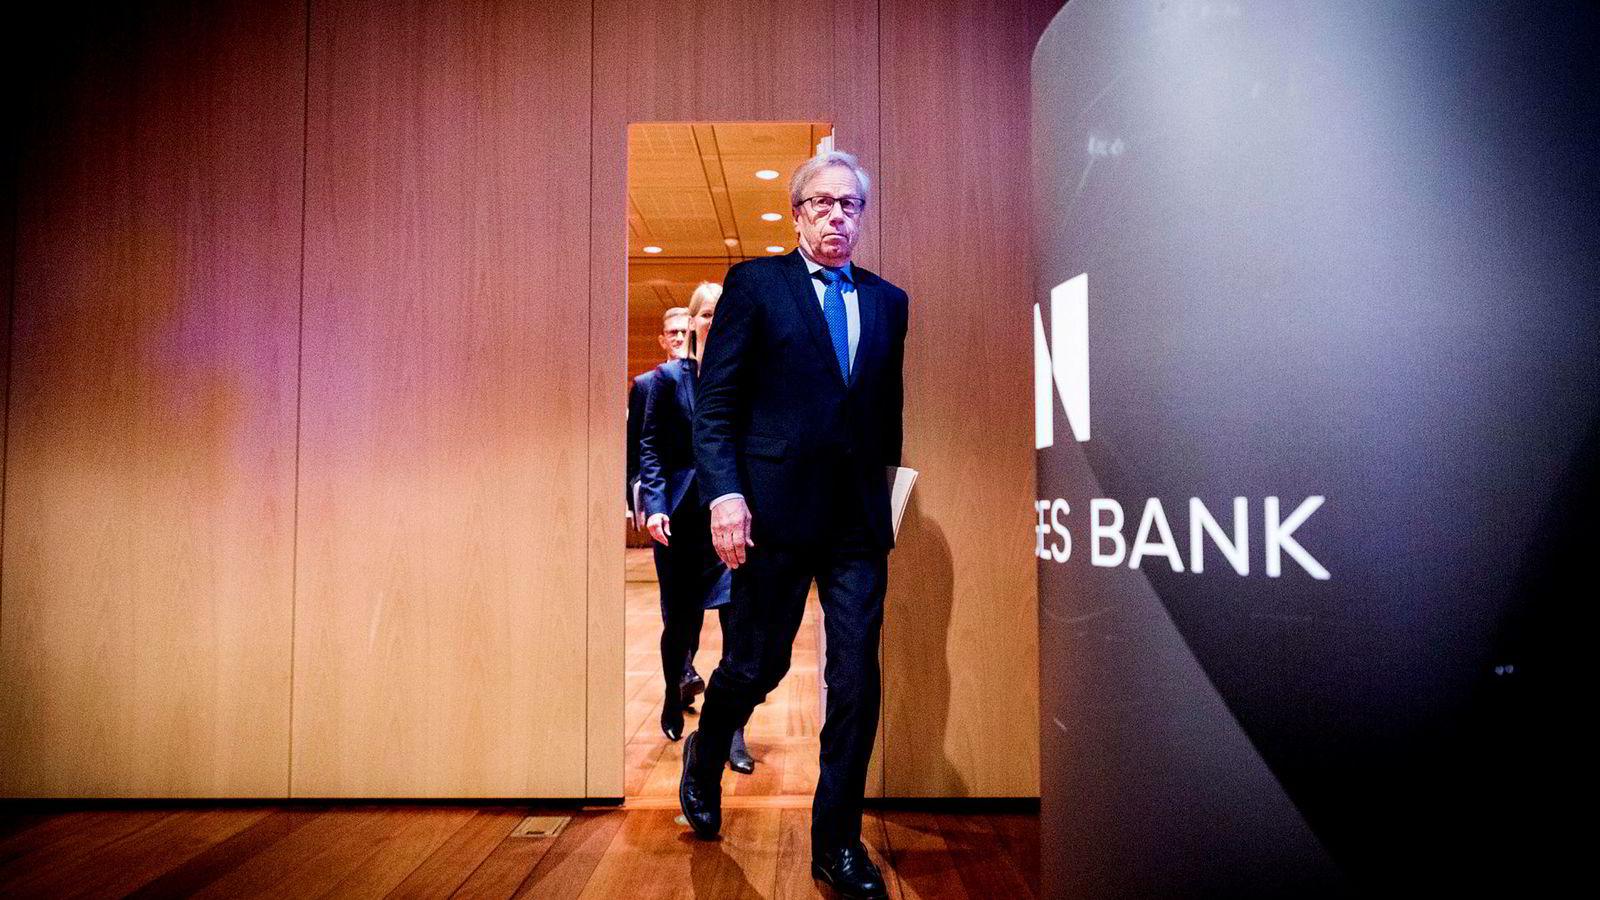 Sentralbanksjef Øystein Olsen presenterer pengepolitisk rapport. ---